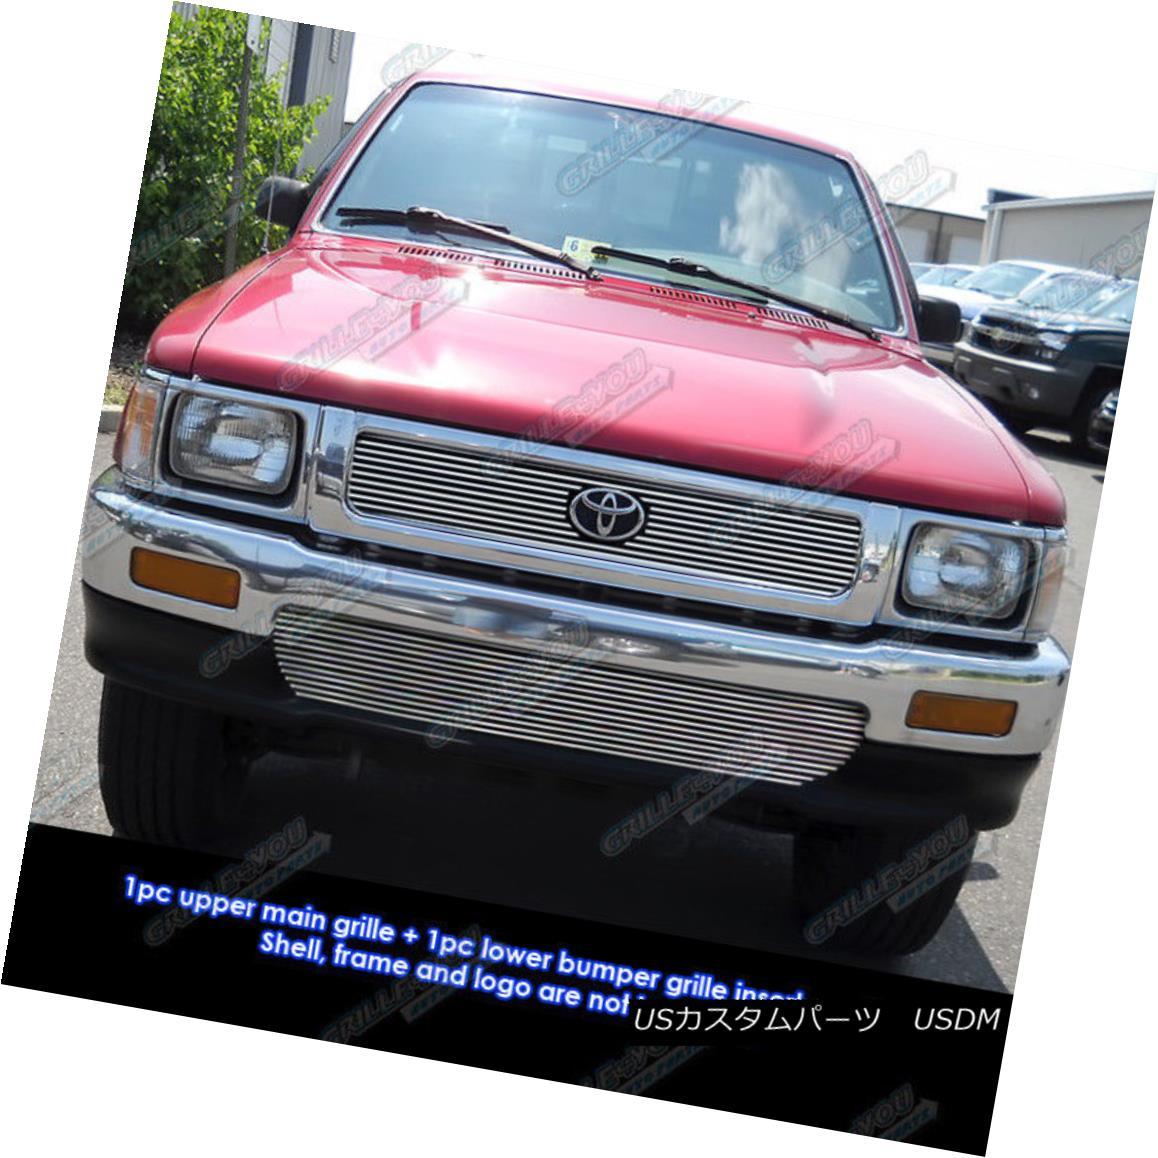 グリル Fits 1992-1995 Toyota Pickup Truck 4WD Billet Grille Combo フィット1992-1995トヨタピックアップトラック4WDビレットグリルコンボ